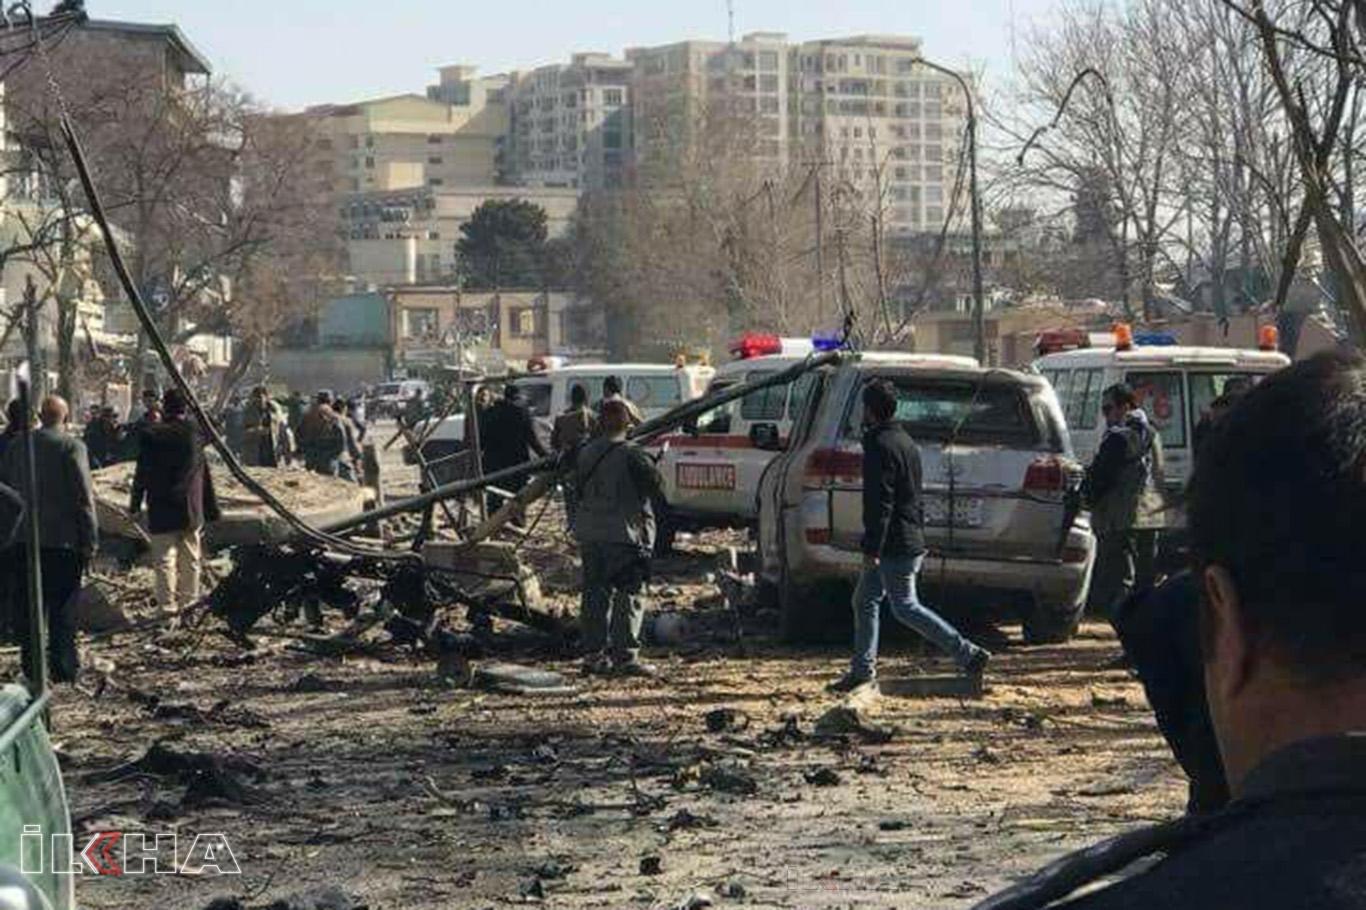 Afganistandaki patlamada çok sayıda ölü ve yaralı var